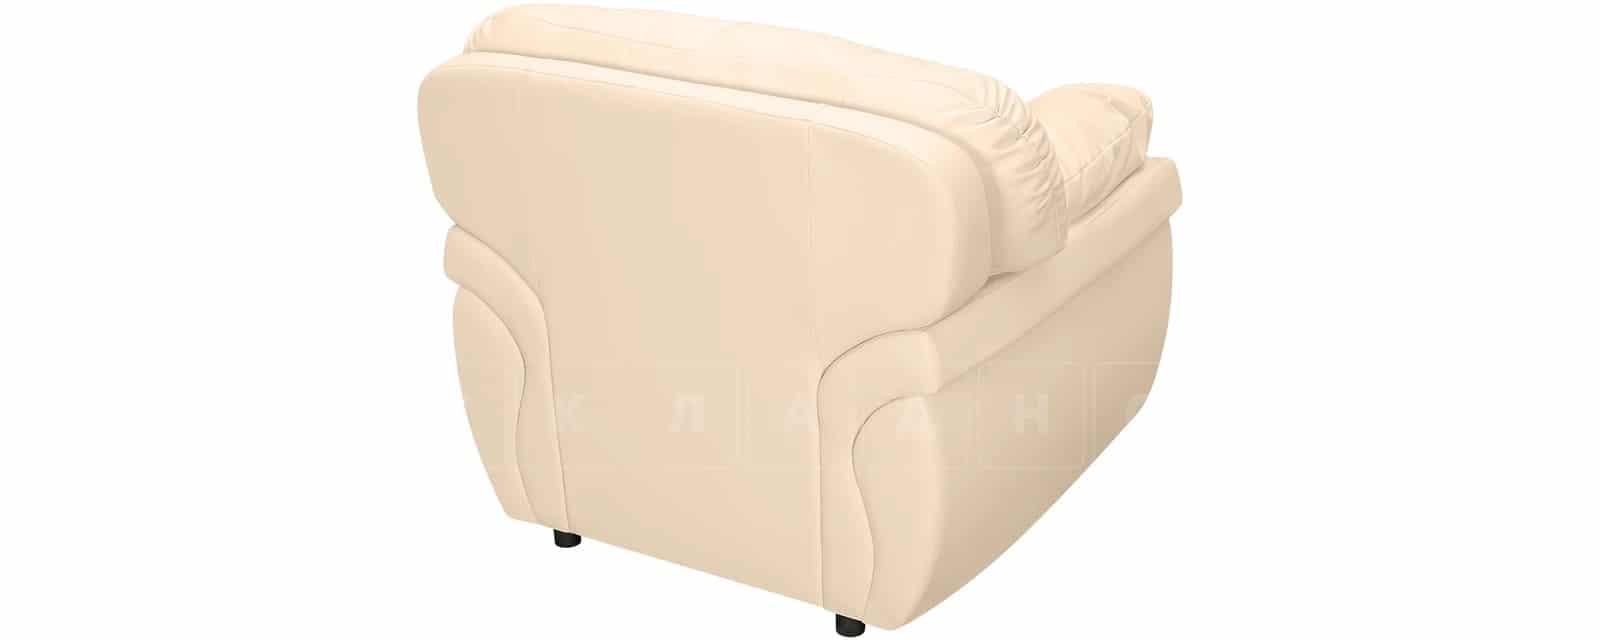 Кресло Бристоль кожаное бежевого цвета фото 3 | интернет-магазин Складно